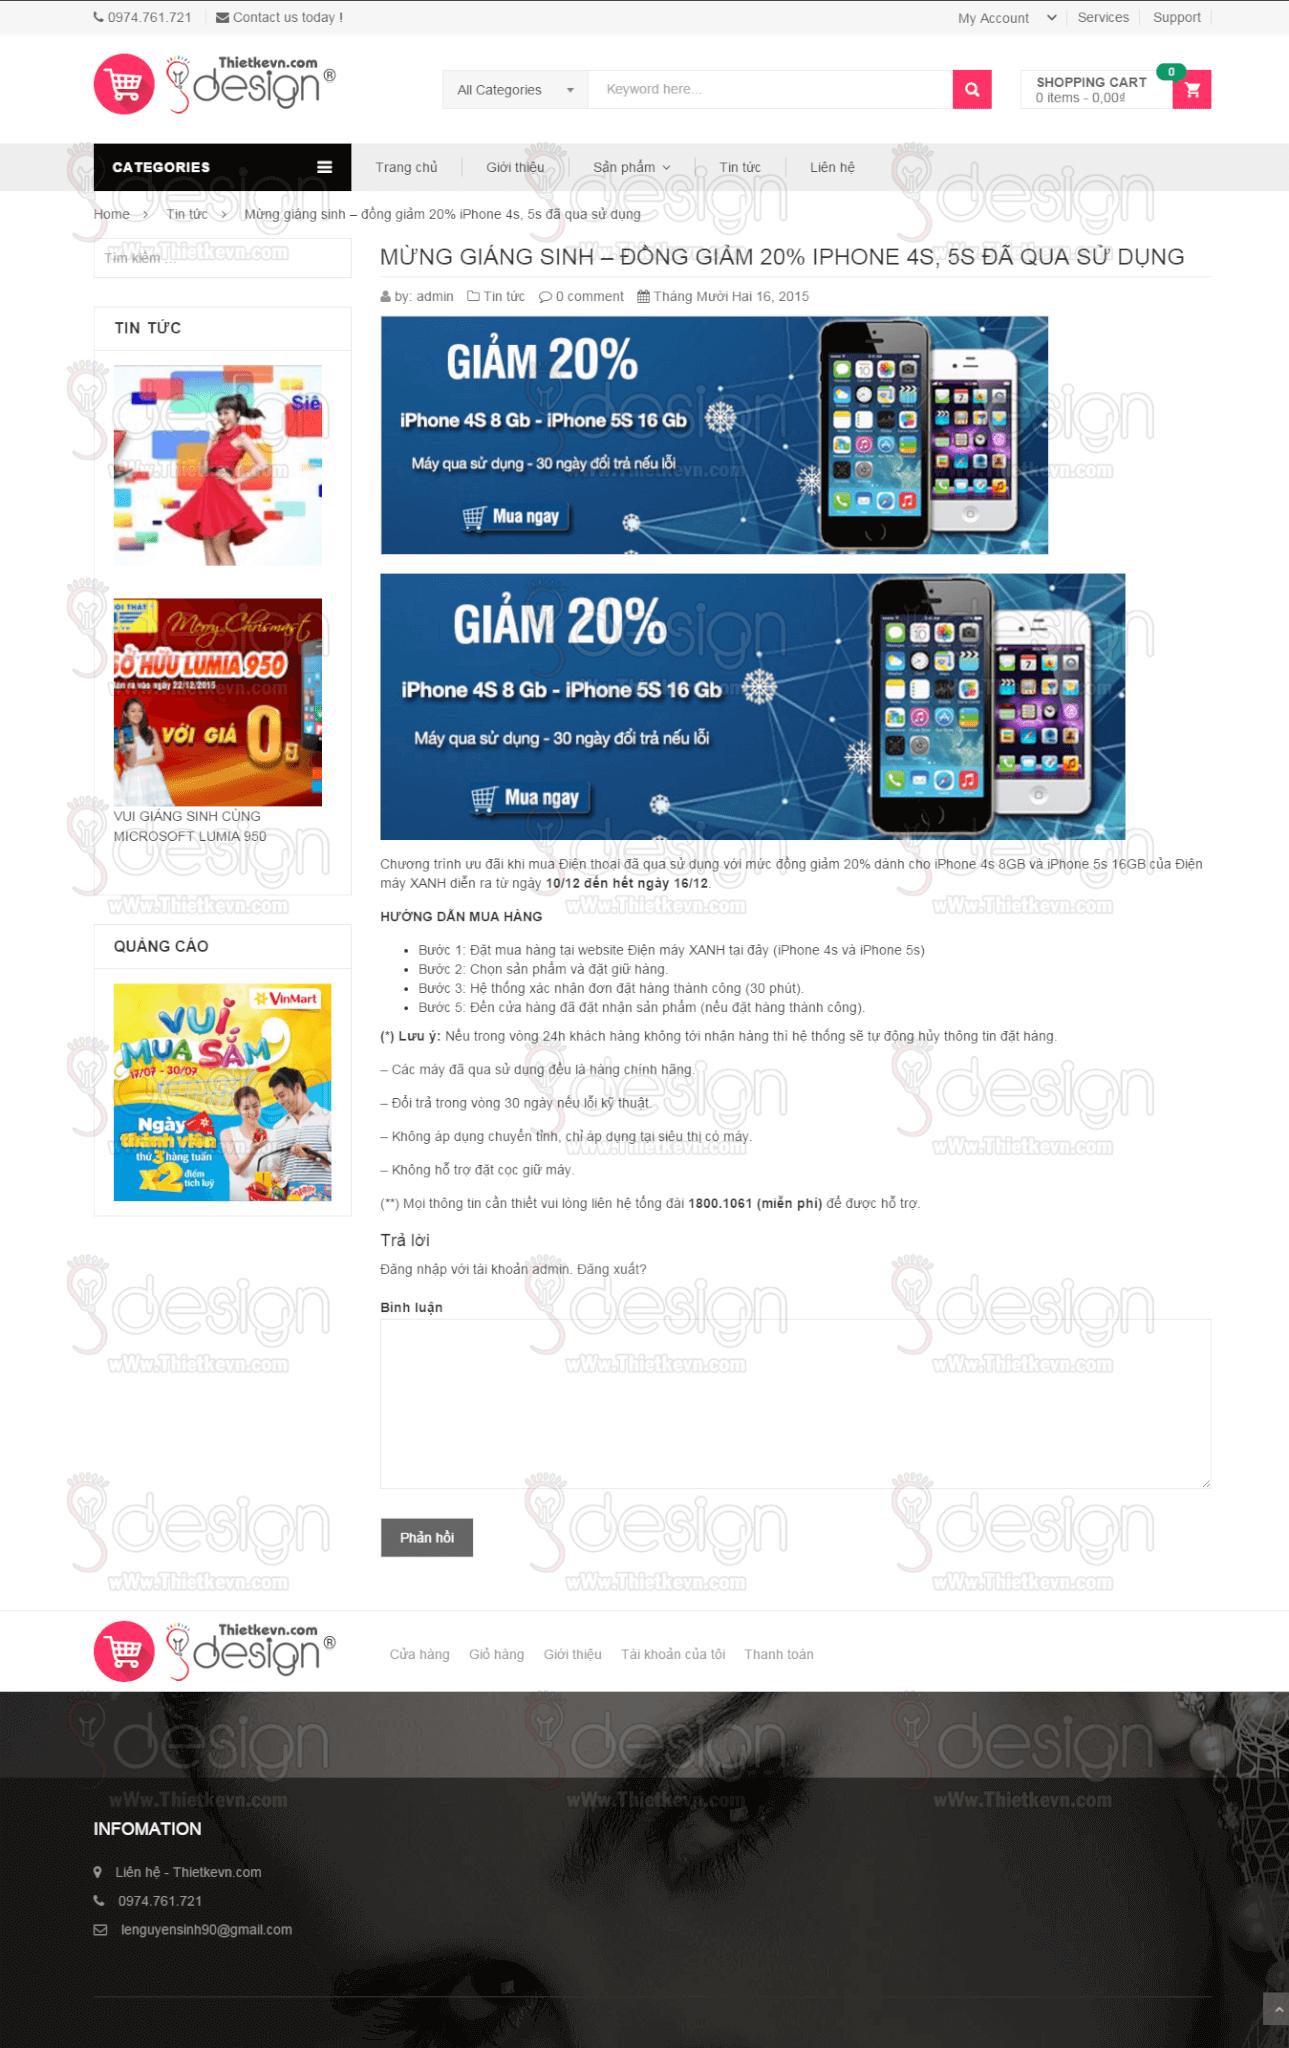 Thiết kế website bán hàng, shop giá rẻ - Trang tin tức